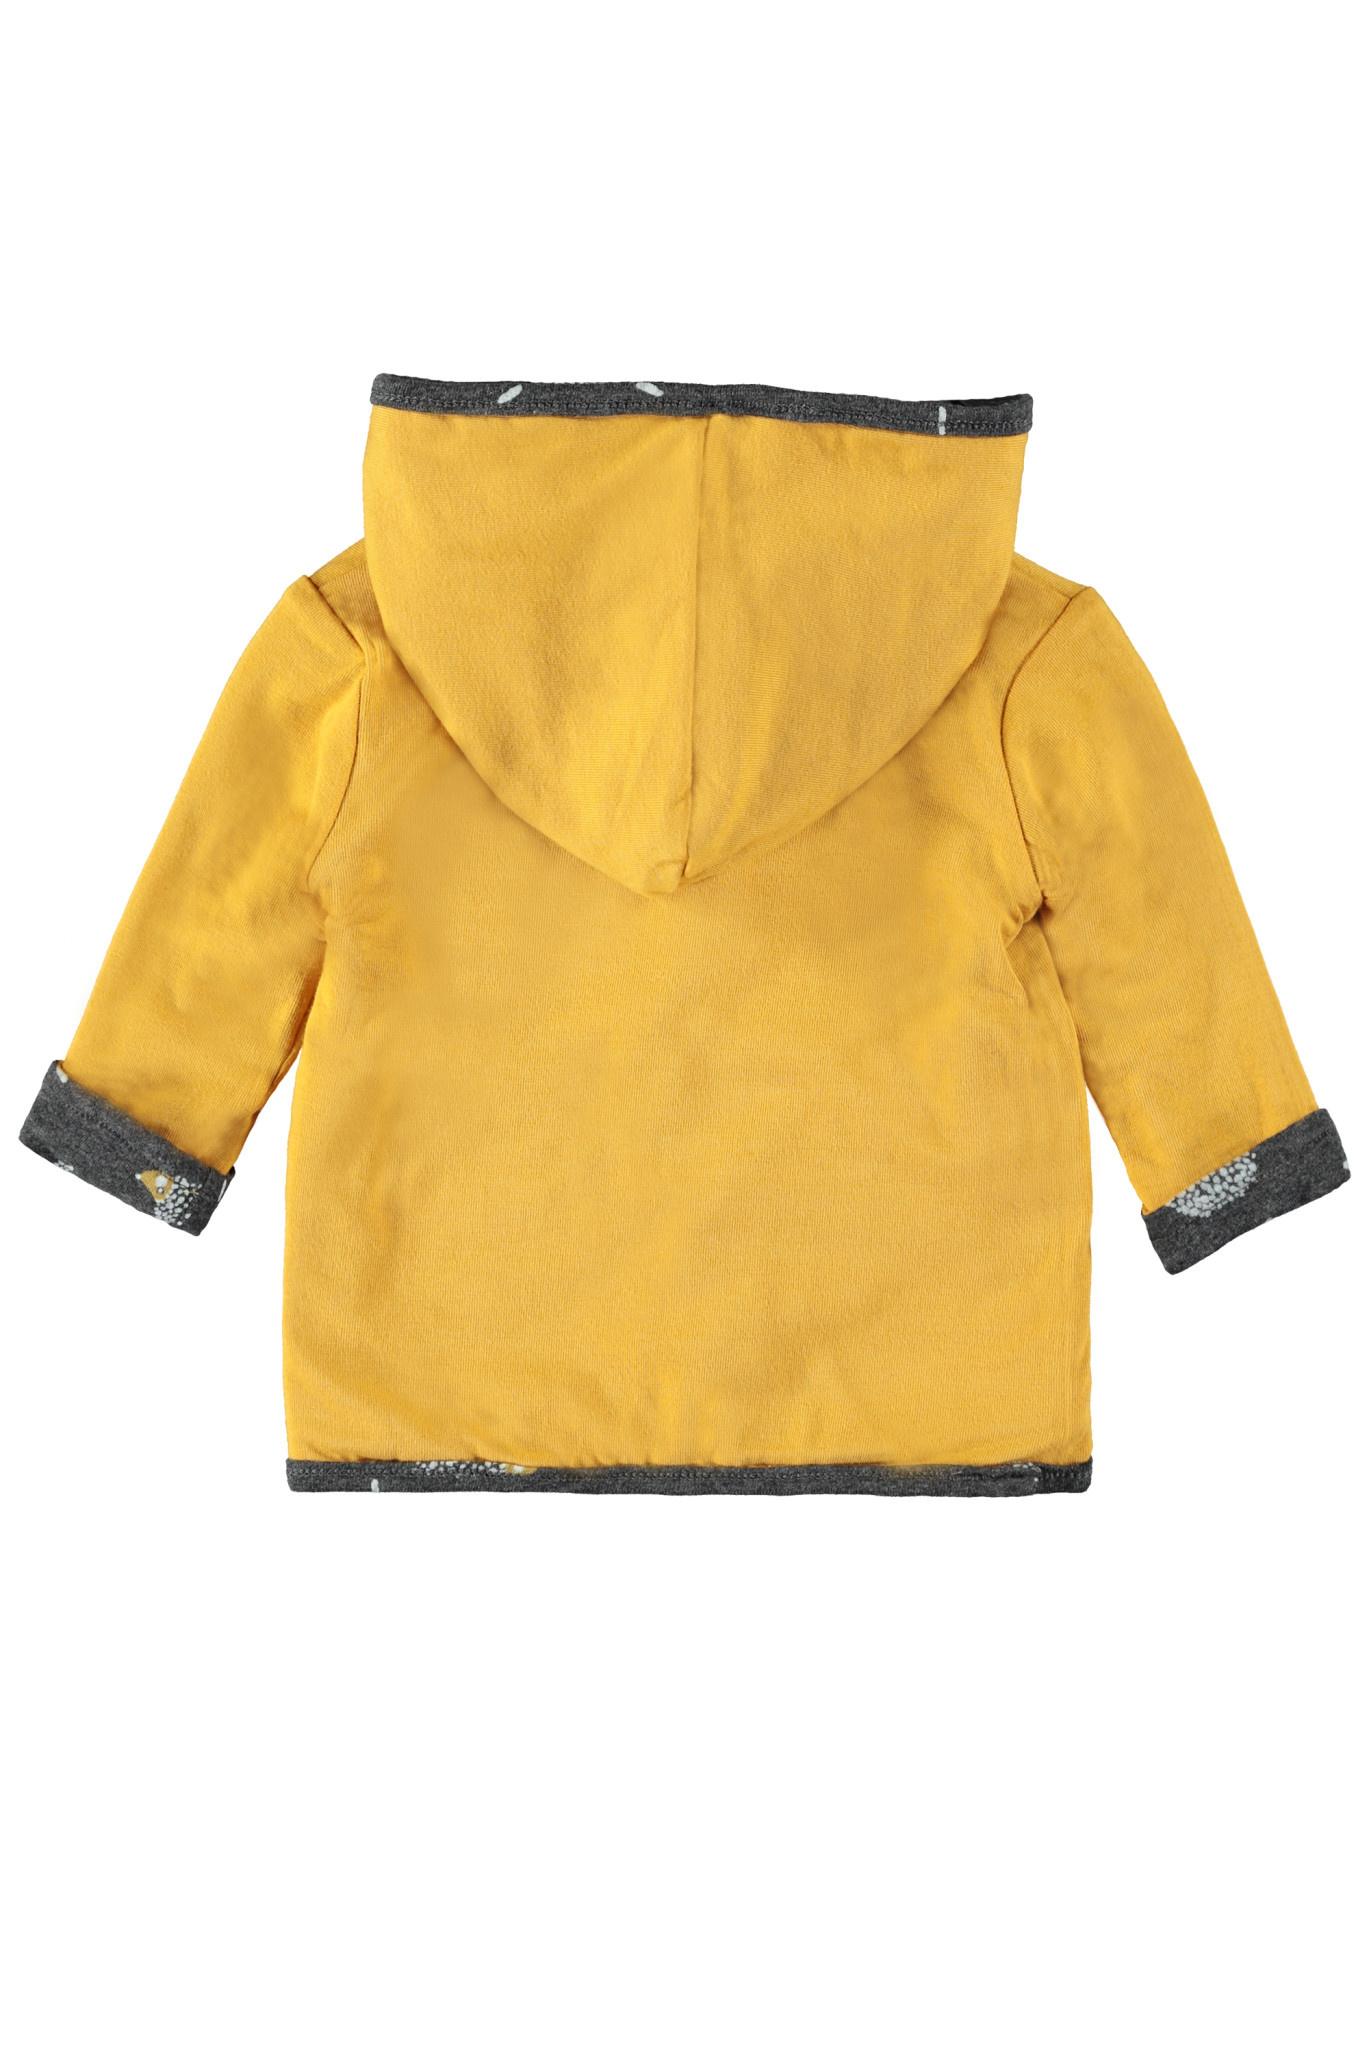 Berrie Reversible Jacket Free Hugs